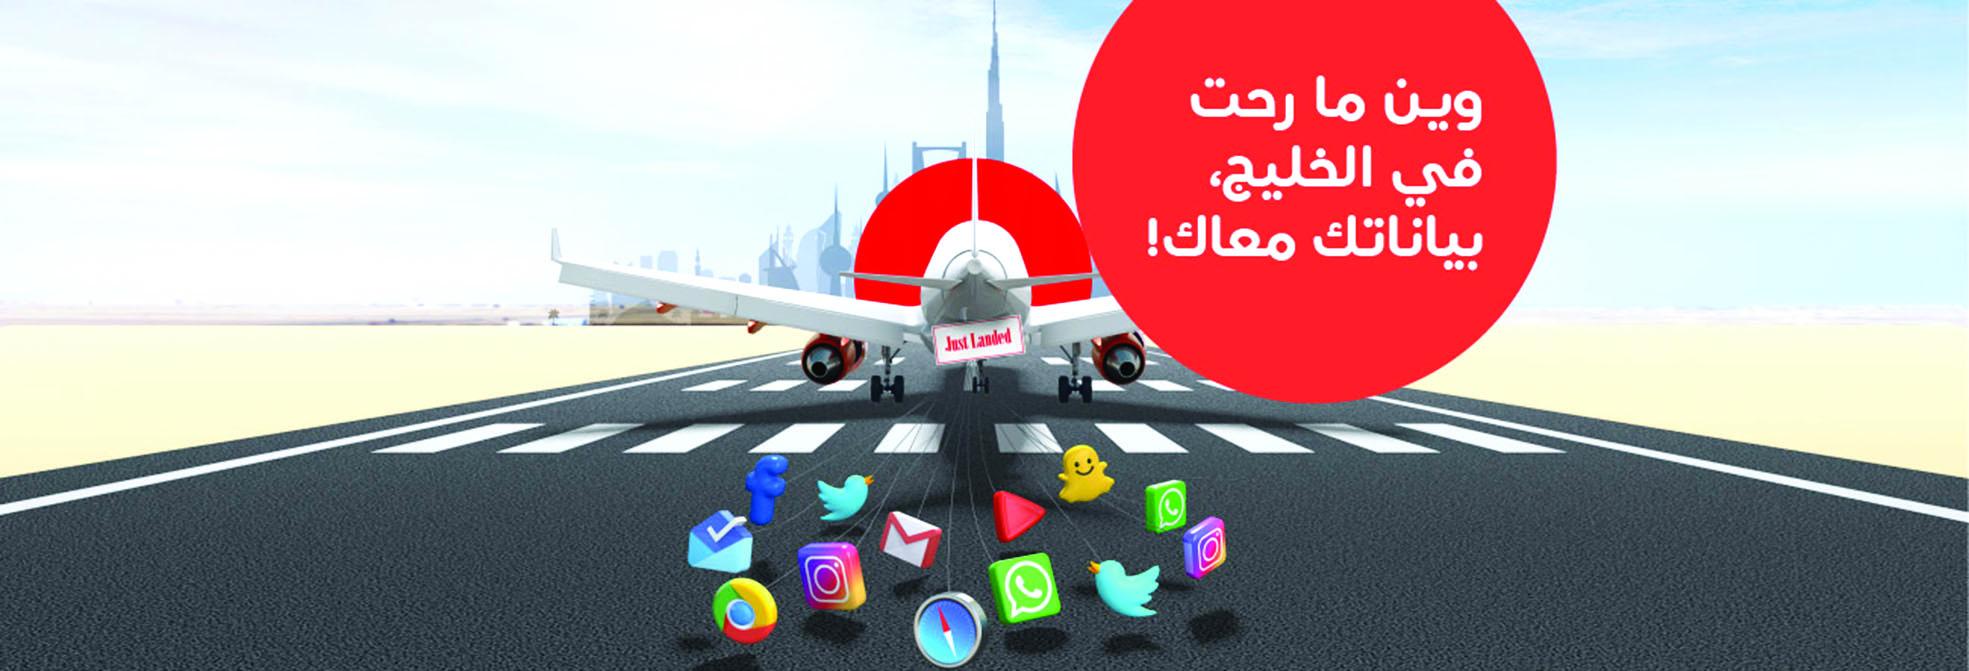 جواز Ooredoo الخليجي يمنح الزبائن تجوالاً بقيمة تنافسية